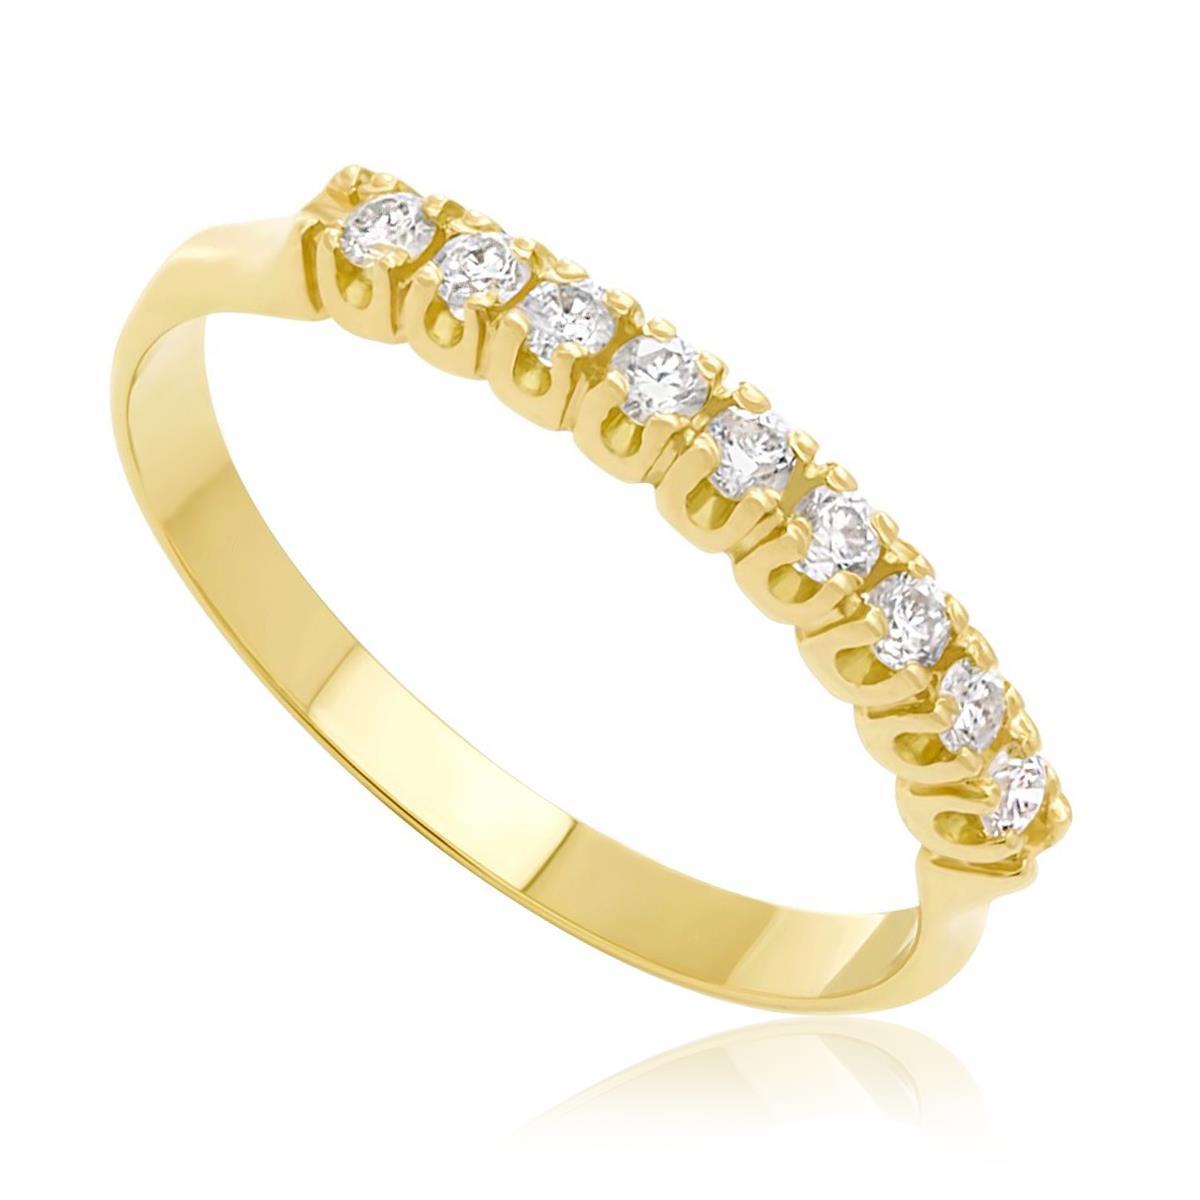 Meia Aliança de ouro com 9 Diamantes totalizando 25 Pts 8b4b6061c7